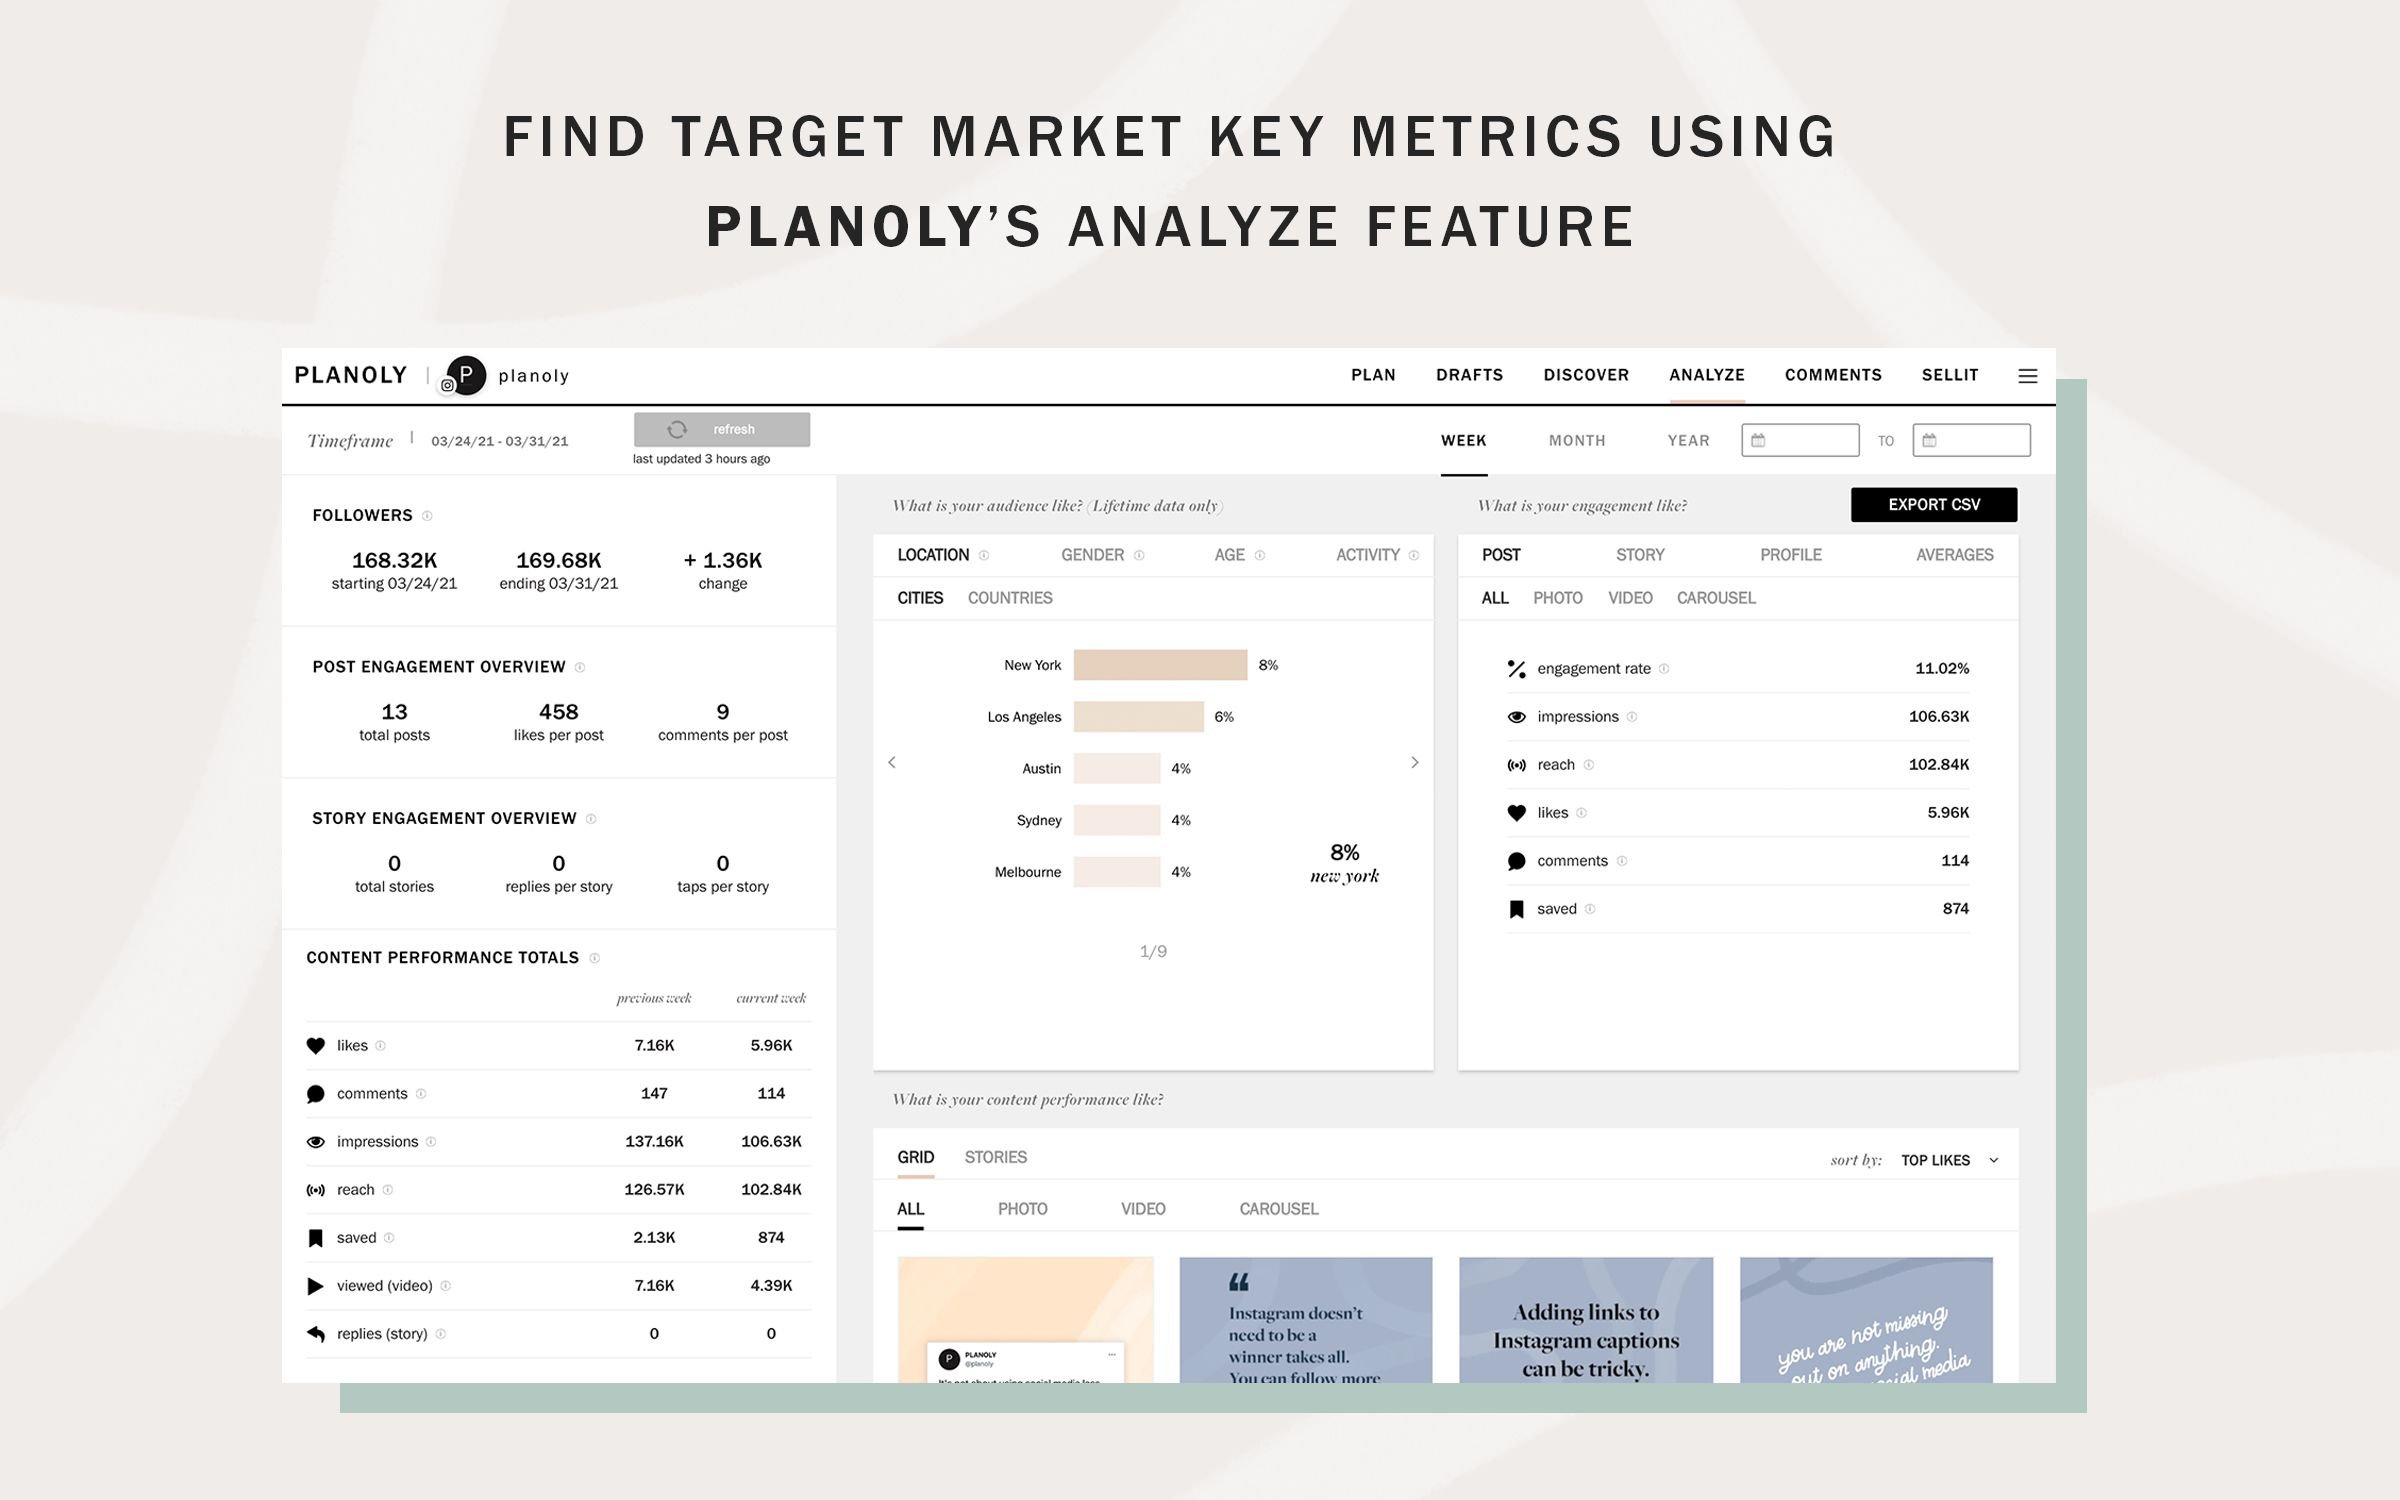 PLANOLY-Blog Post-Social Media Target Market-Image 3